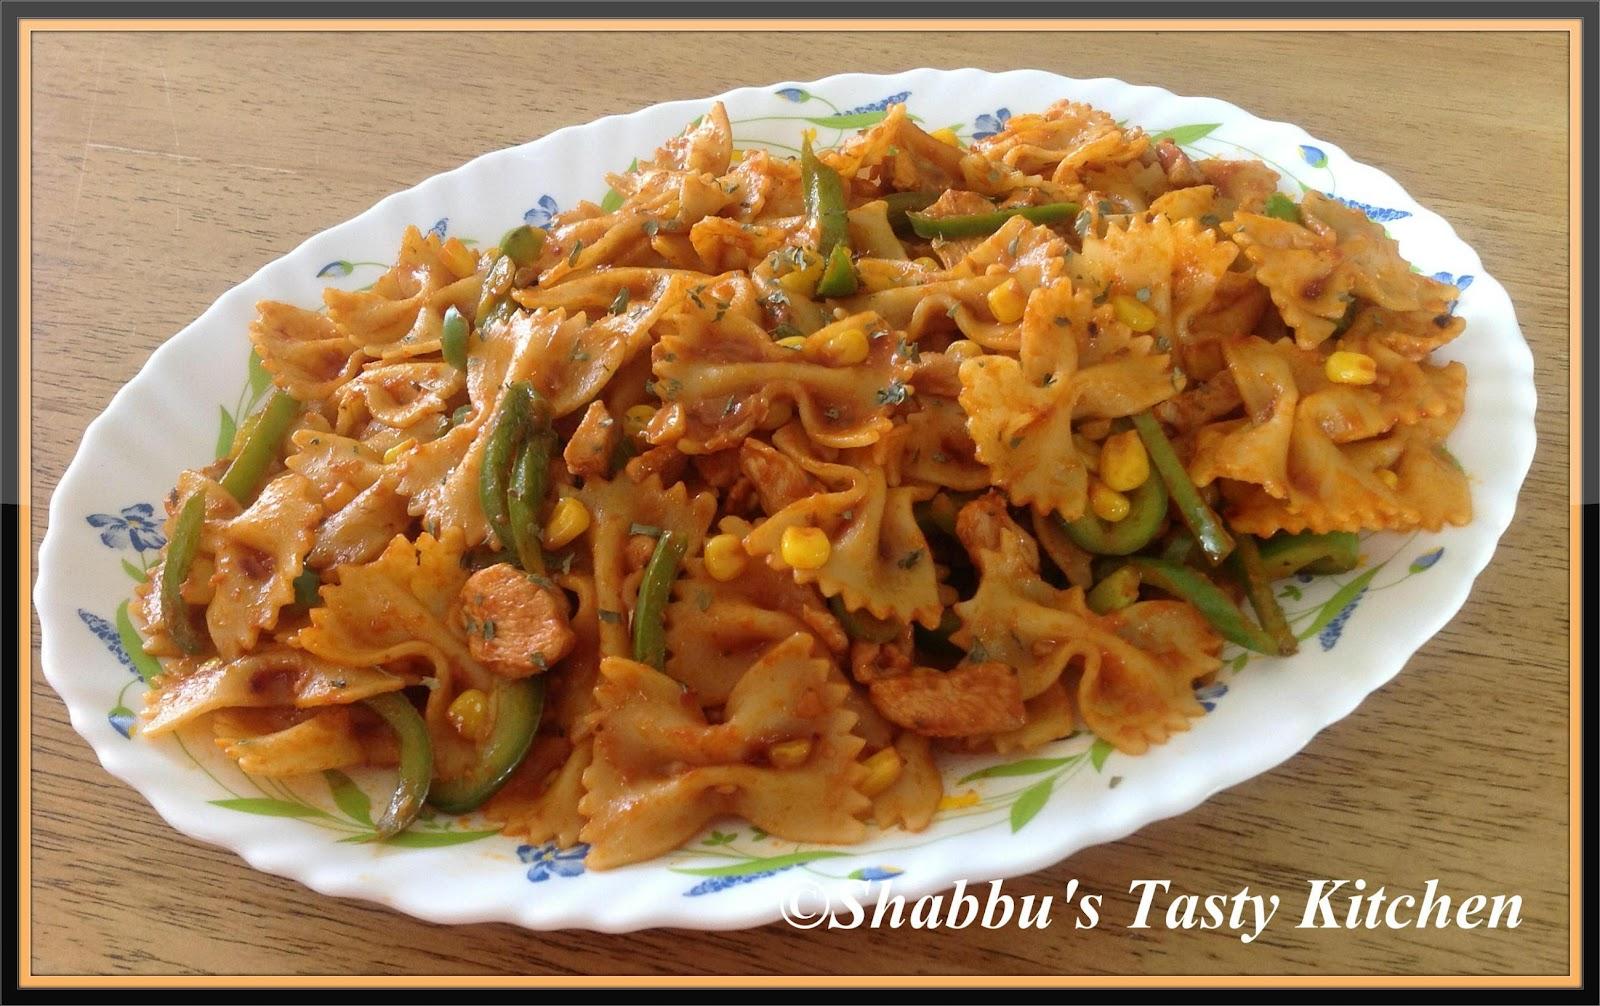 shabbu s tasty kitchen bow tie pasta with chicken